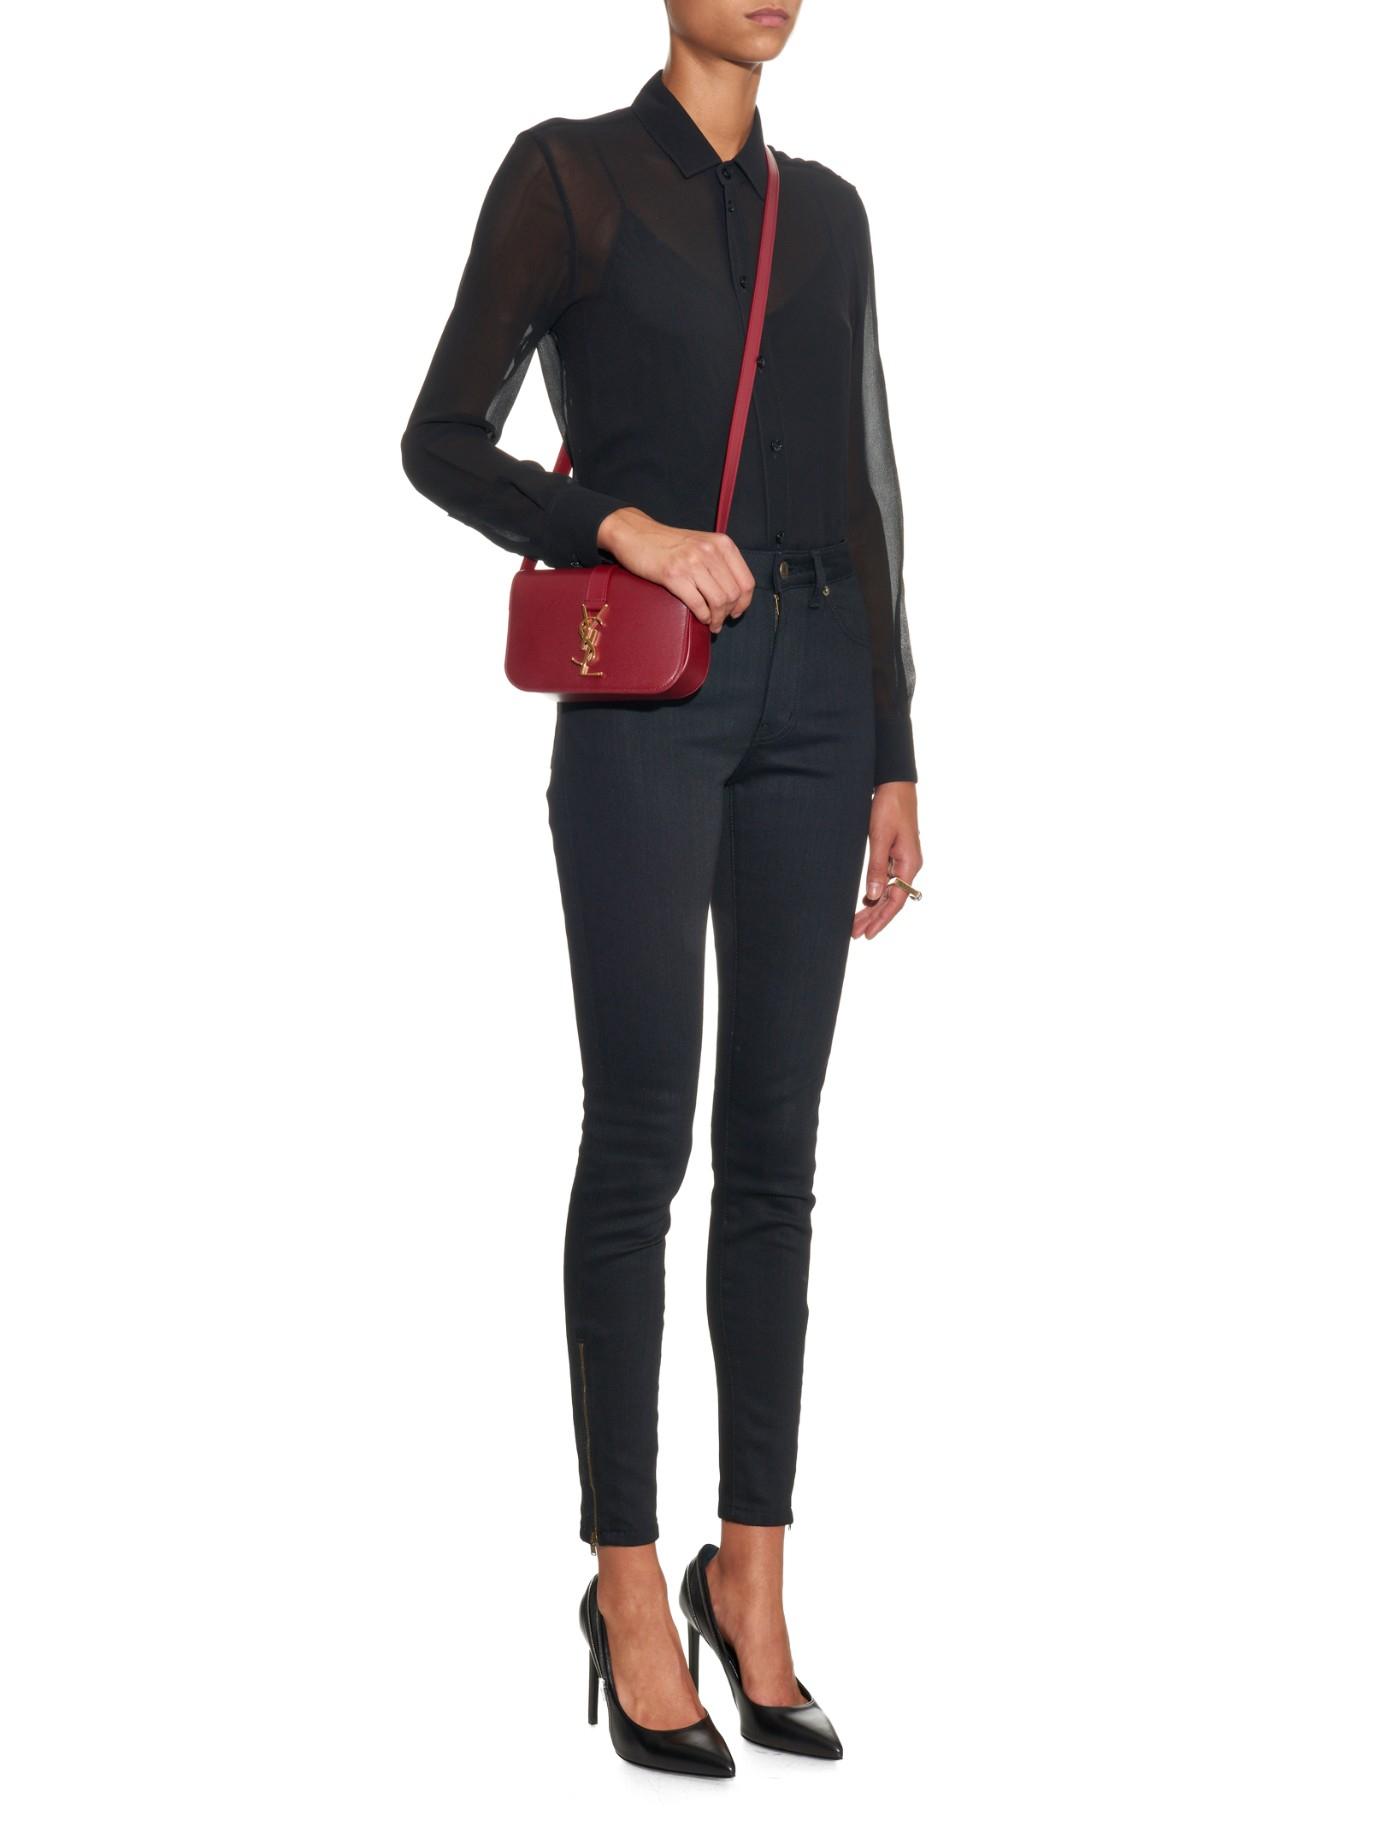 Lyst - Saint Laurent Université Leather Cross-Body Bag in Purple 52999d13baa5e